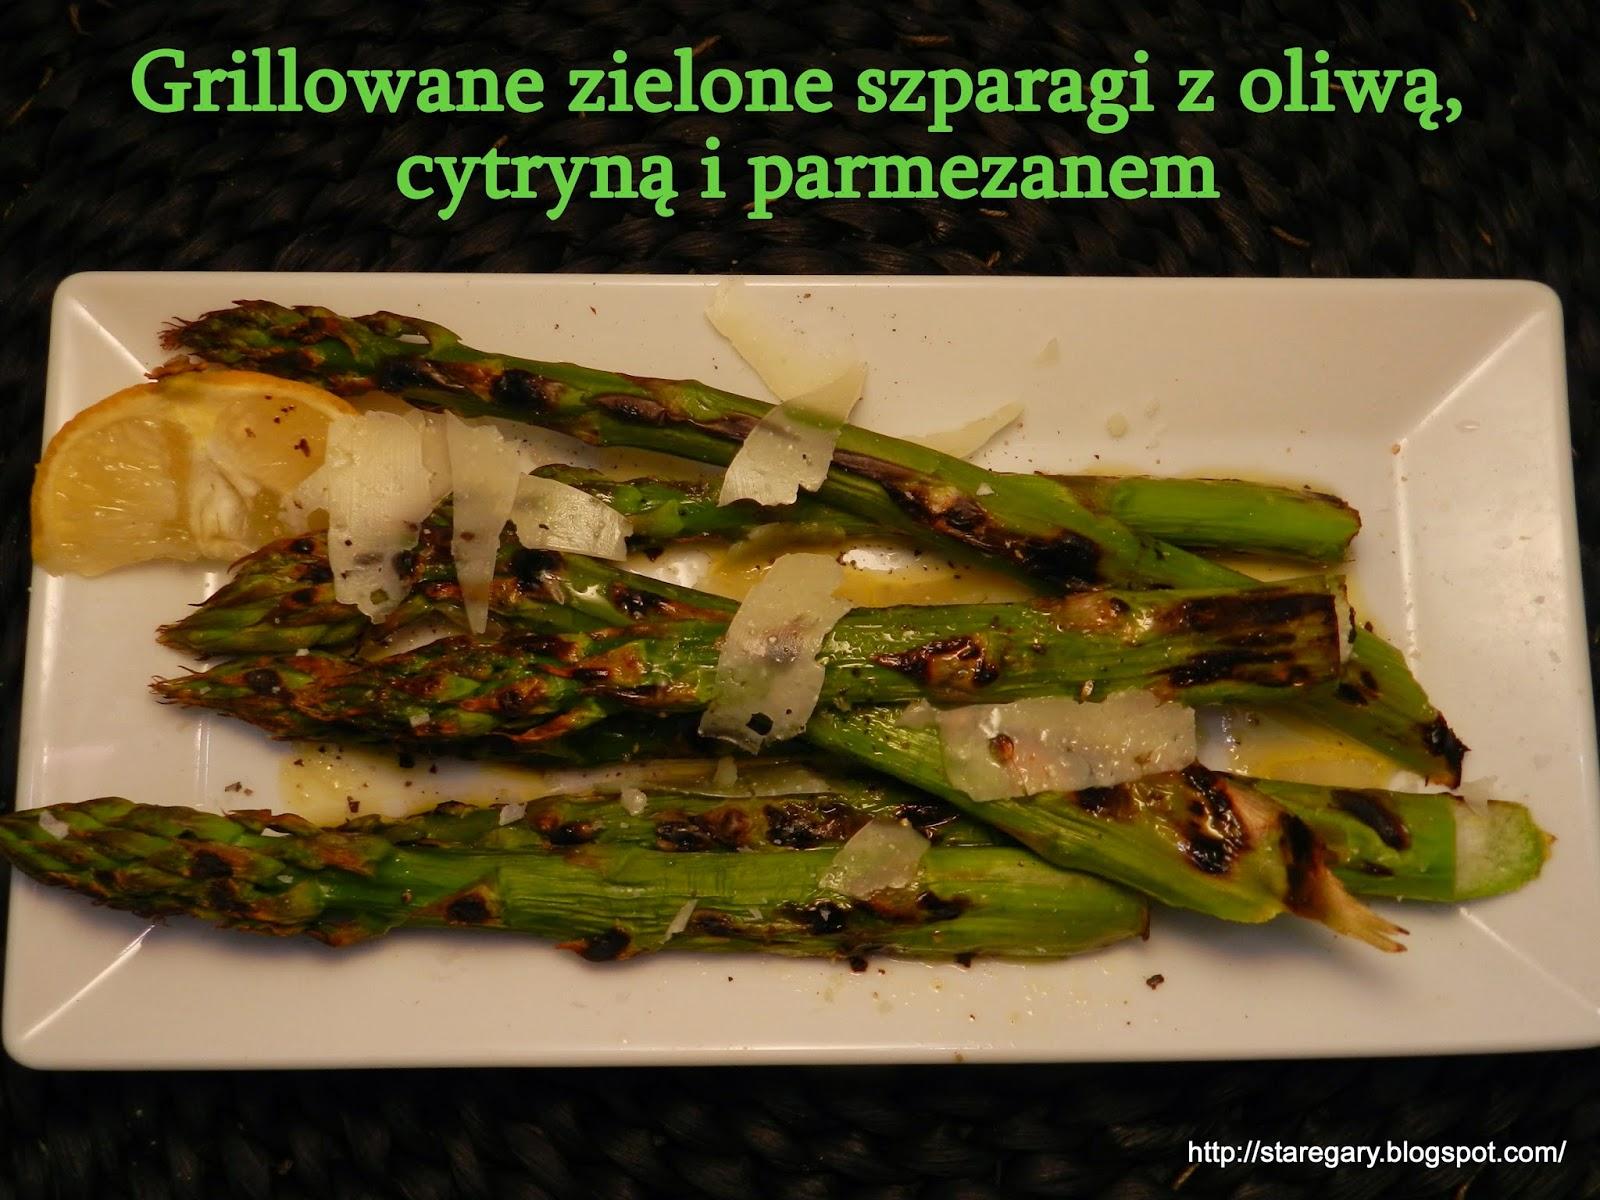 Grillowane zielone szparagi z oliwą, cytryną i parmezanem